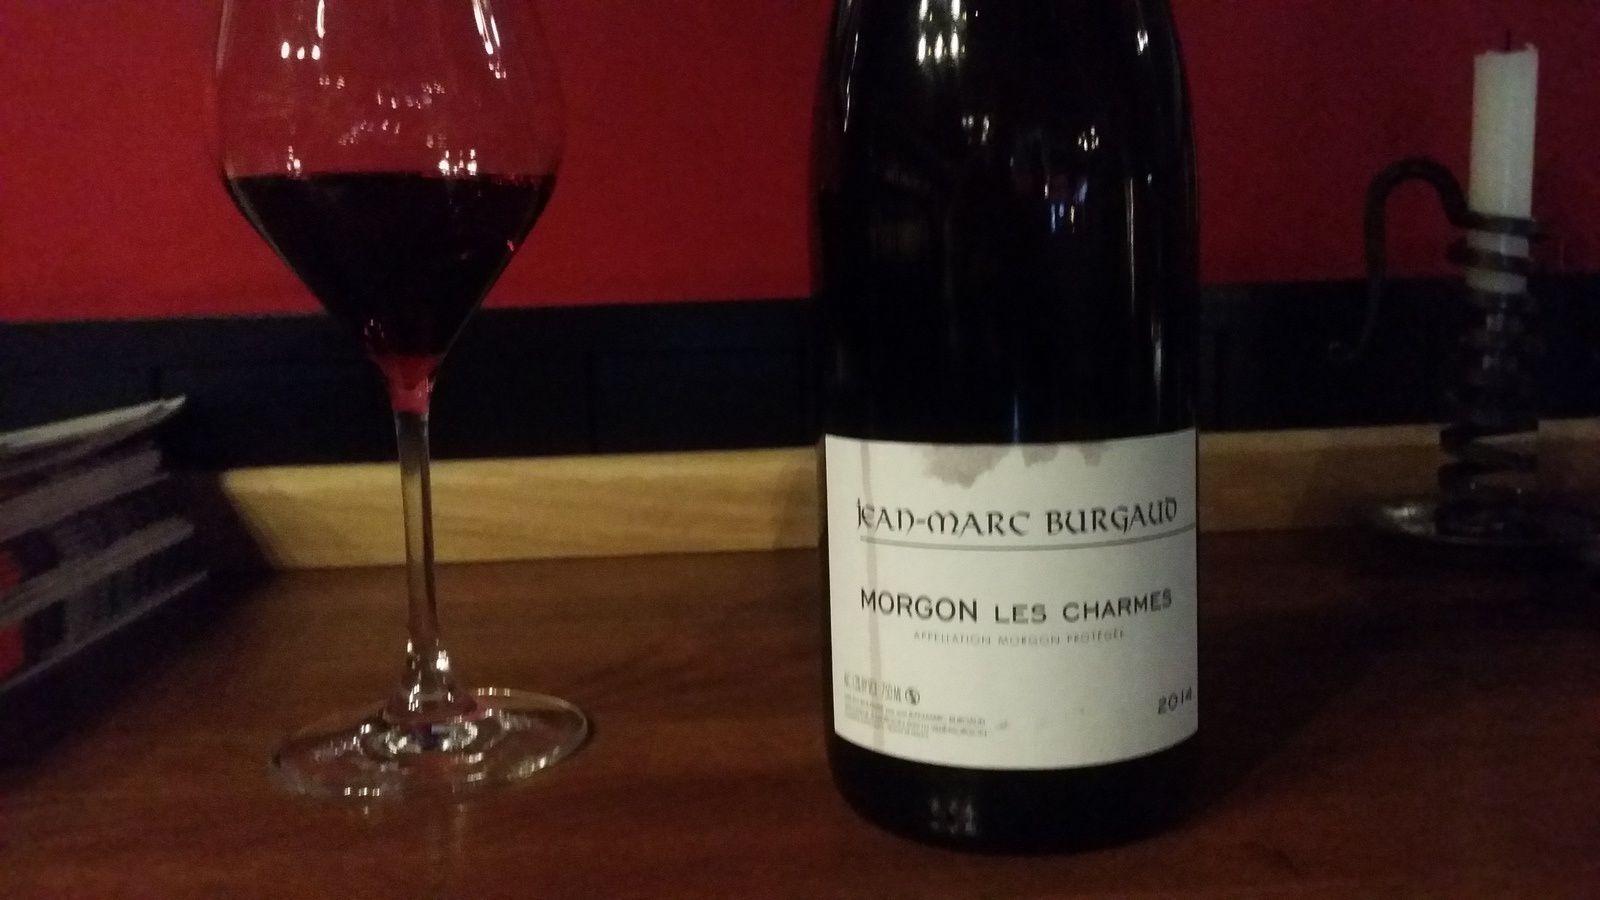 Il existe de formidables vignerons en Beaujolais, notamment JM Burgaud